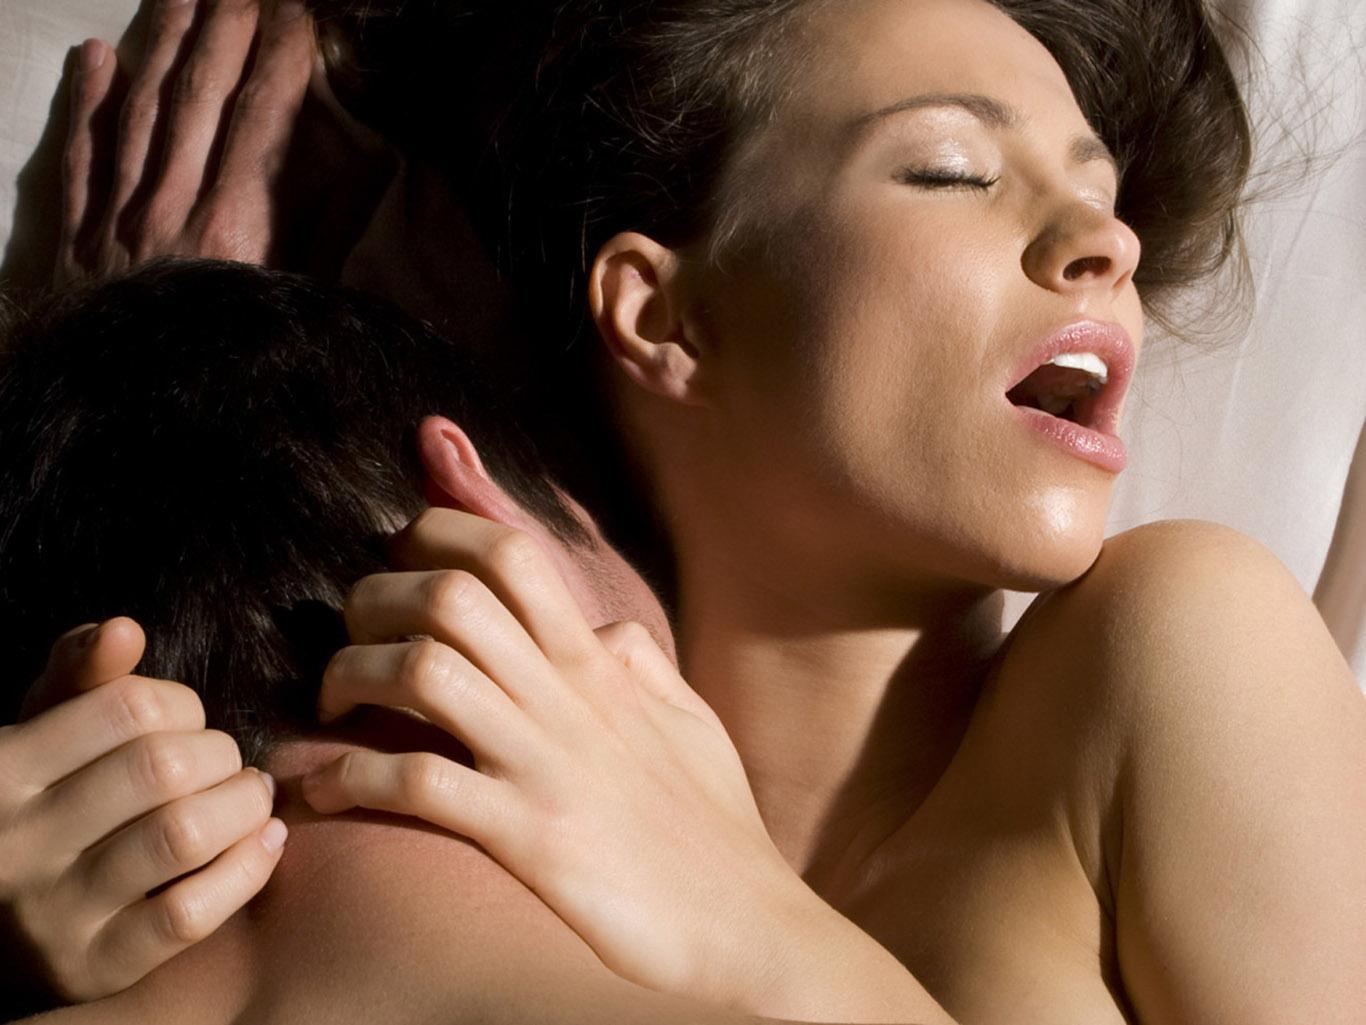 Мужчины тоже симулируют оргазм